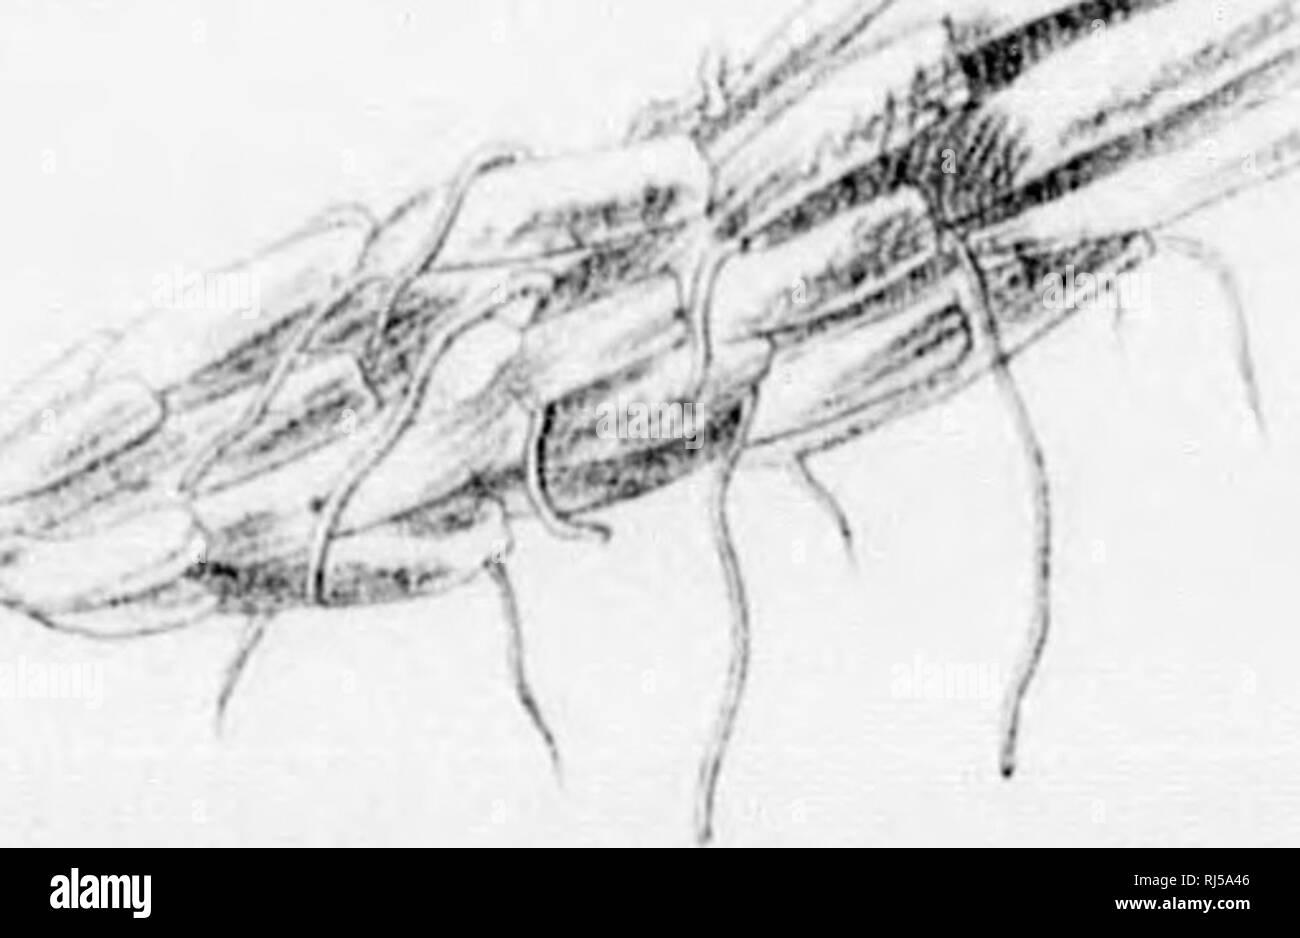 . Les fougères de l'Amérique du Nord [microforme]: les chiffres de couleur et les descriptions, avec la synonymie et de la répartition géographique, des fougères (y compris le ophioglassaceae) des États-Unis d'Amérique et de l'Amérique Britannique du nord des possessions. Fougères; Fougères. £^severnãƒ^^.^^^^ &gt; 't) â . jS^^- un fichier .w'. tlKlIlM- I. Veuillez noter que ces images sont extraites de la page numérisée des images qui peuvent avoir été retouchées numériquement pour plus de lisibilité - coloration et l'aspect de ces illustrations ne peut pas parfaitement ressembler à l'œuvre originale.. Eaton, Daniel Cady, 1834-1895. Salem [Mass. ]: S. E. Cassi Banque D'Images